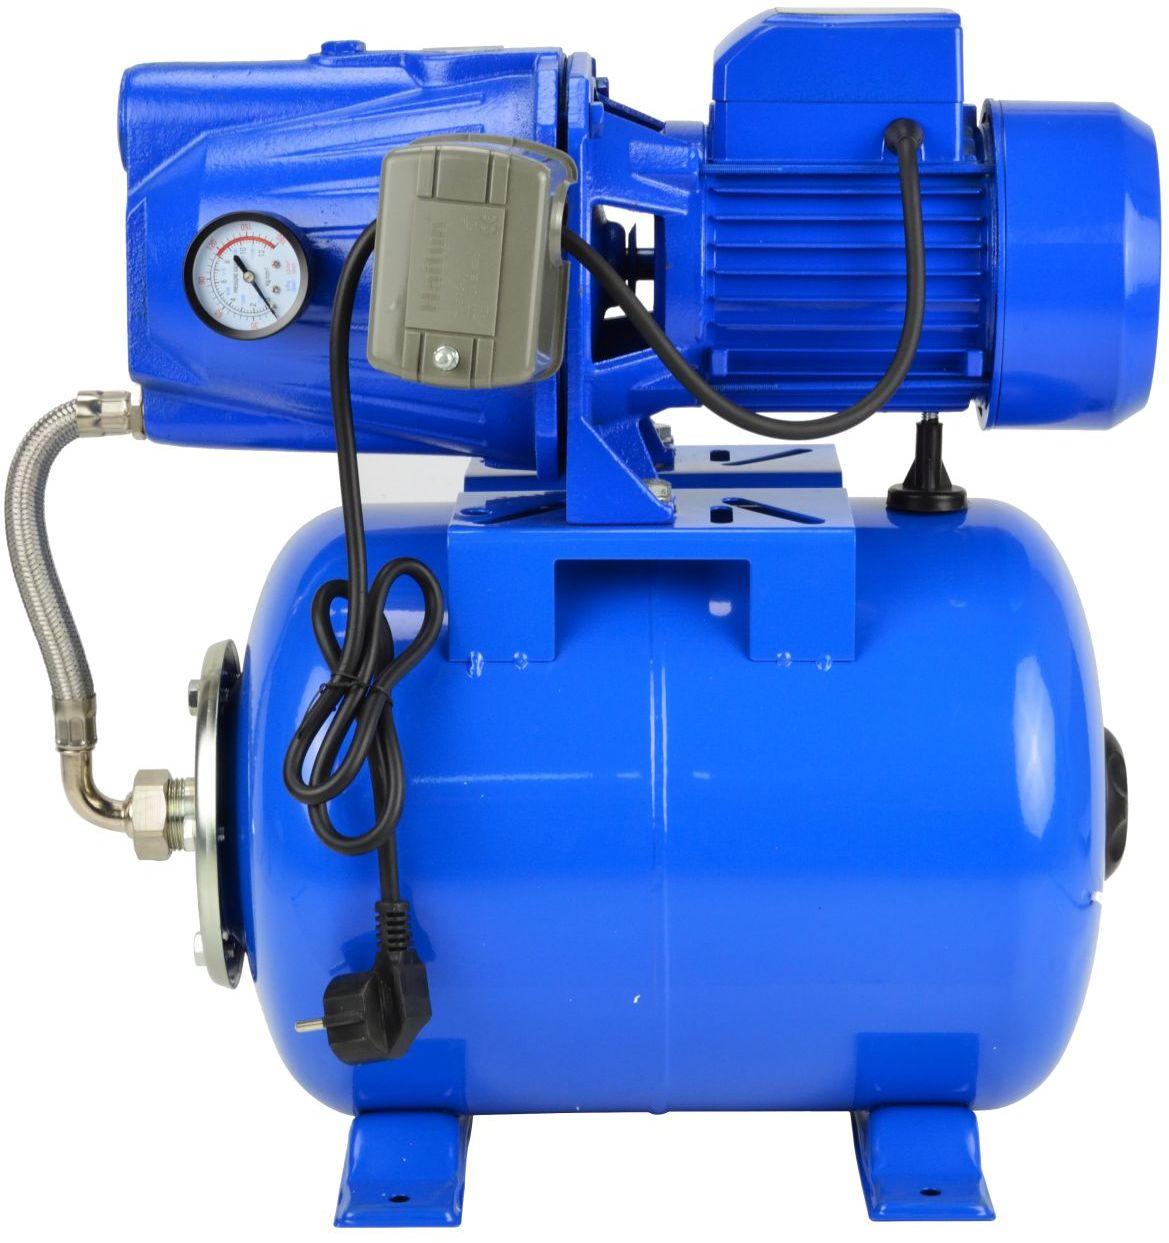 Zestaw hydroforowy 24L JET100S (G81511)